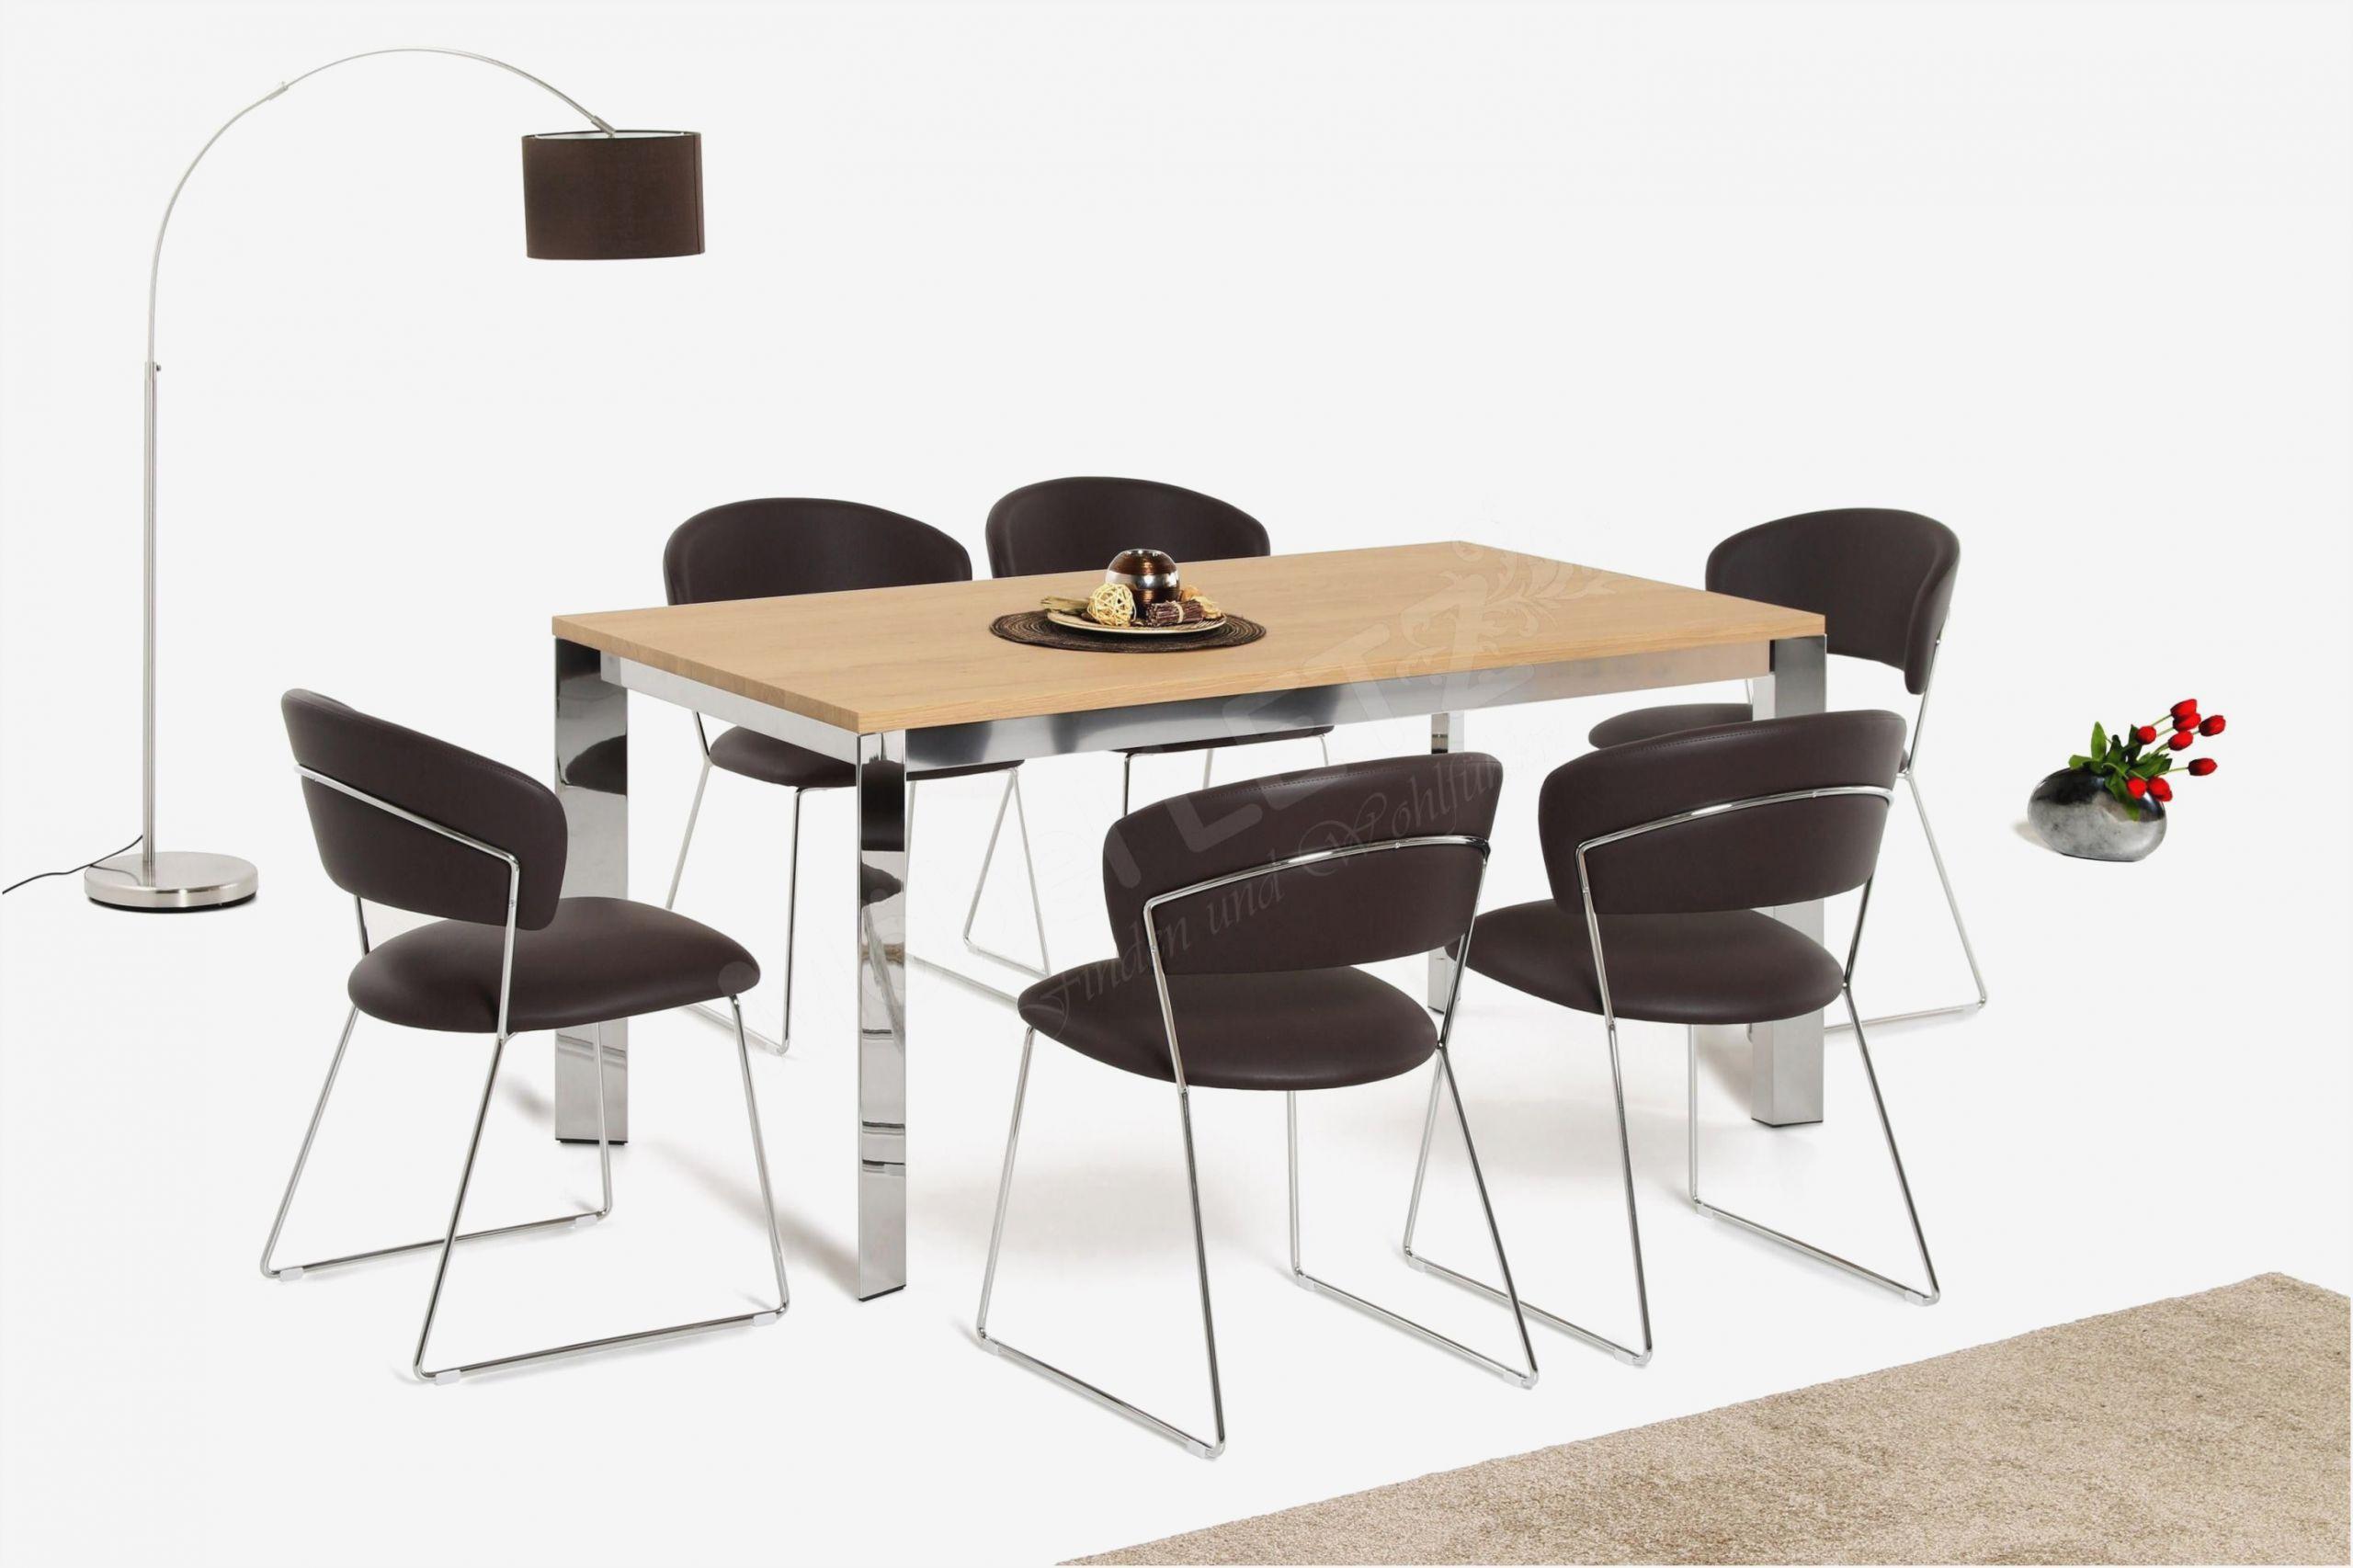 design stuhl esszimmer eiche scaled